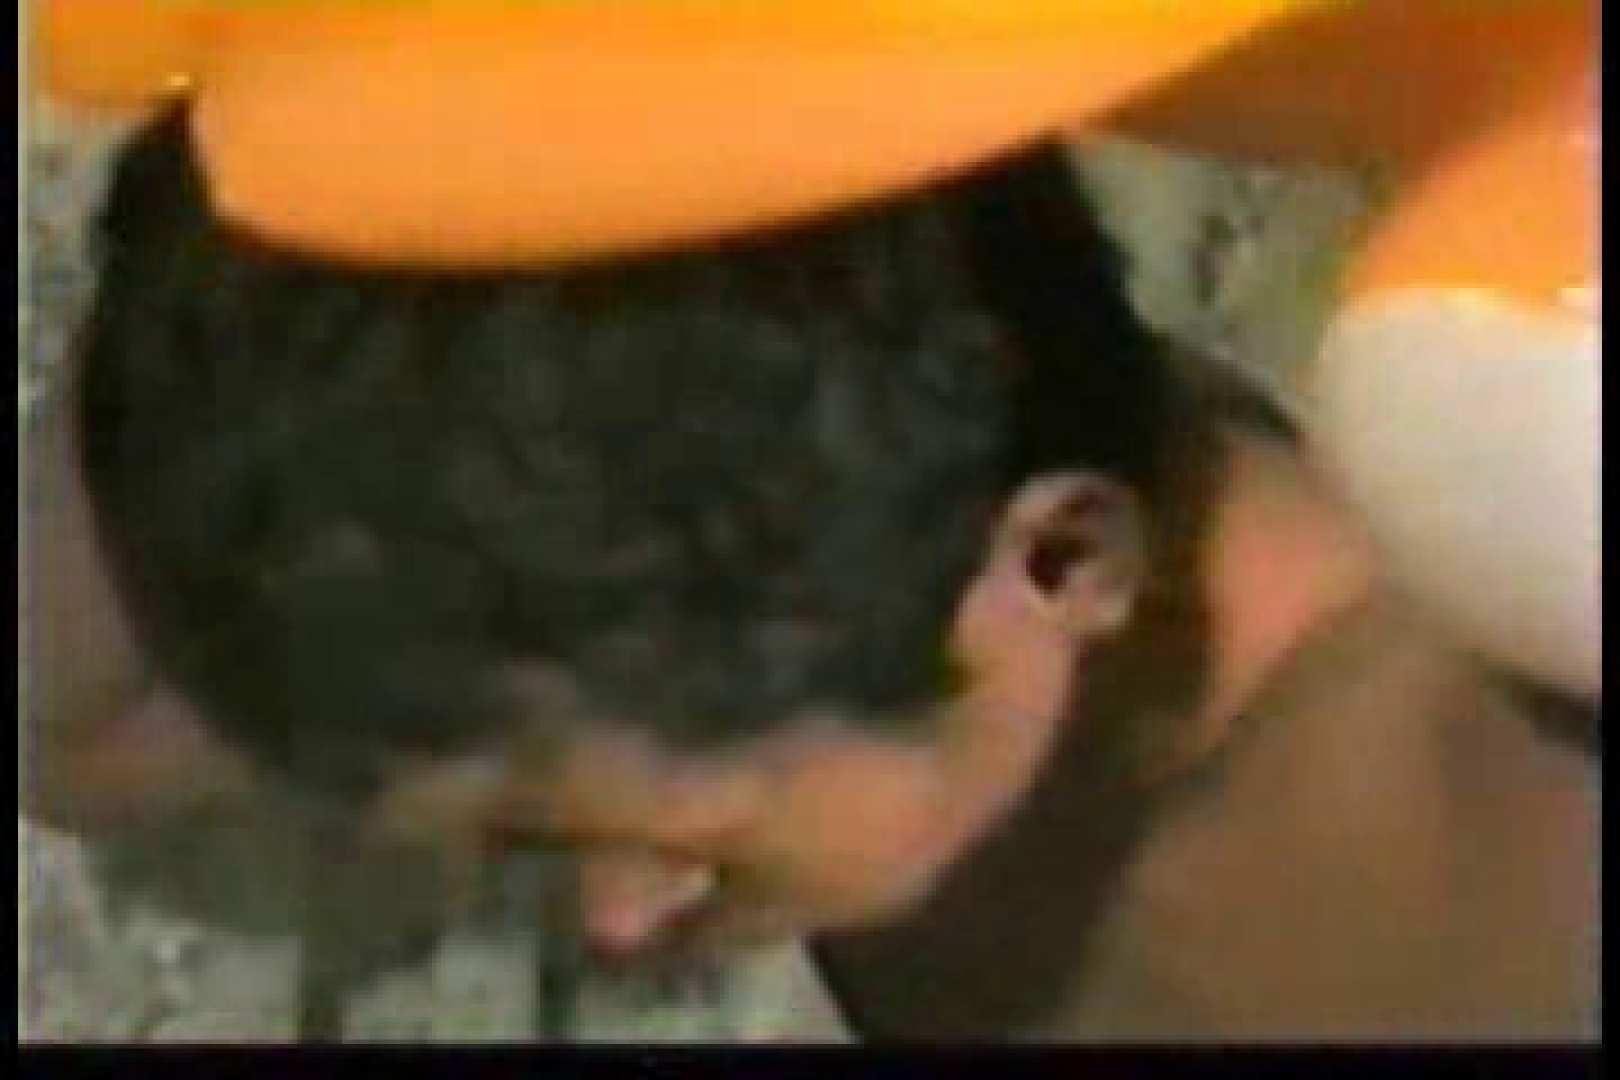 【自己製作販売ビデオ】オナニーフェラ挿入 フェラ天国 ゲイ素人エロ画像 49pic 20